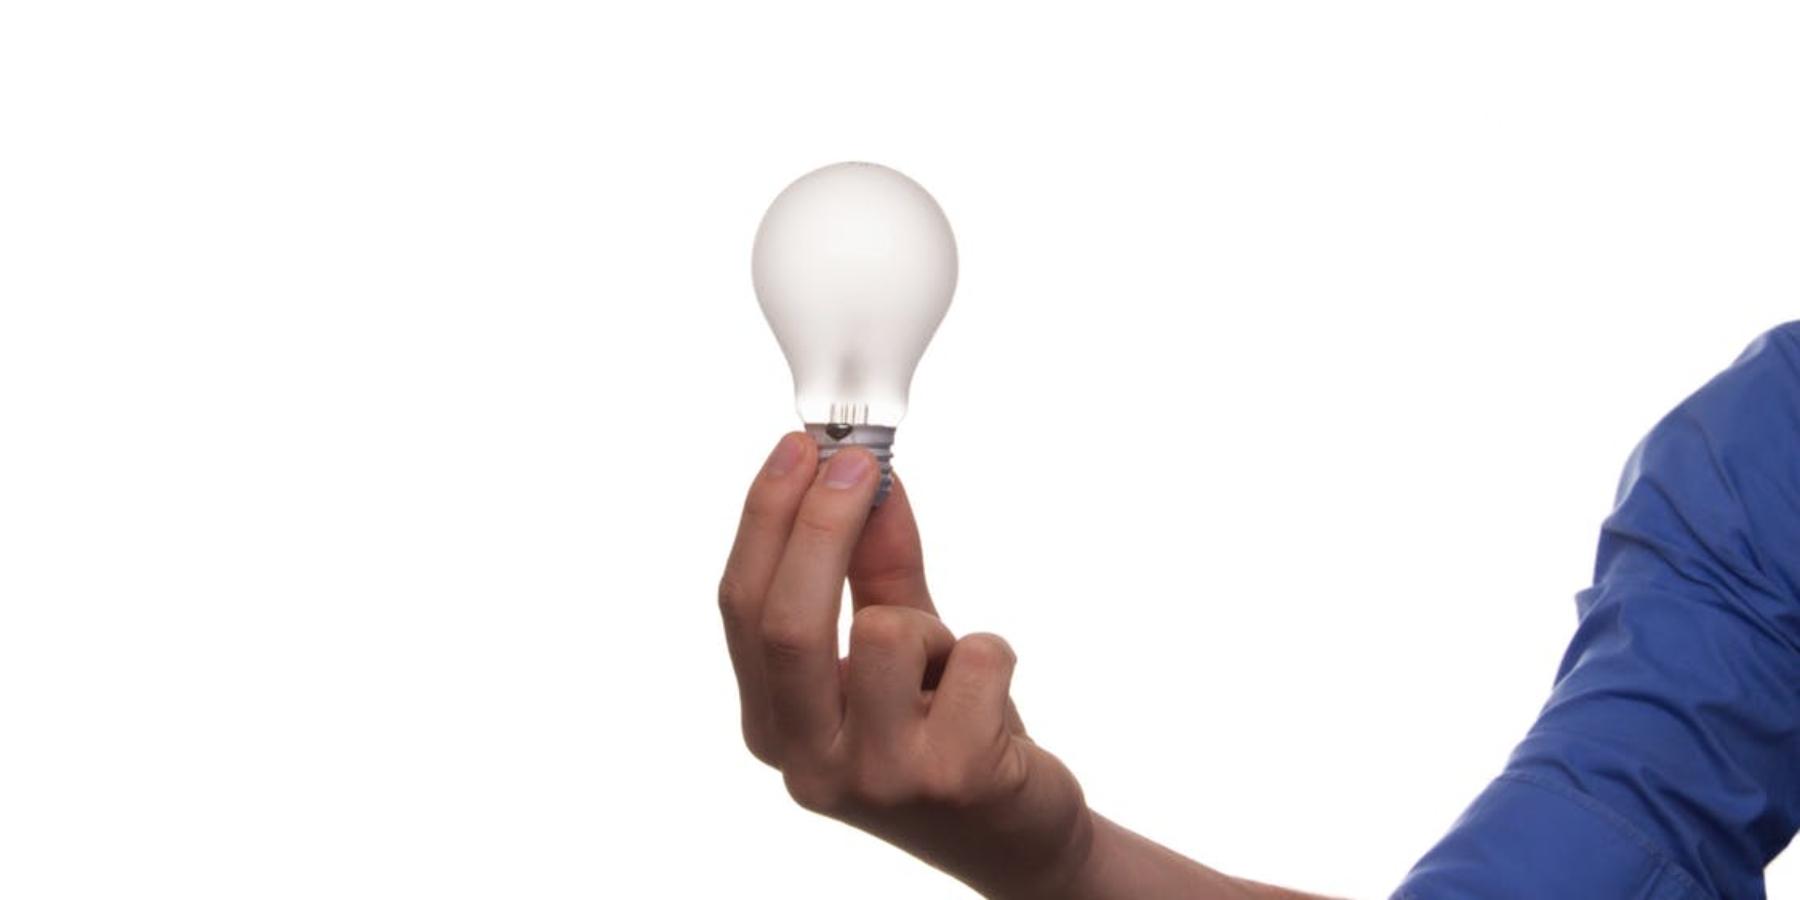 Pomysły nabiznes: 25 najlepszych propozycji